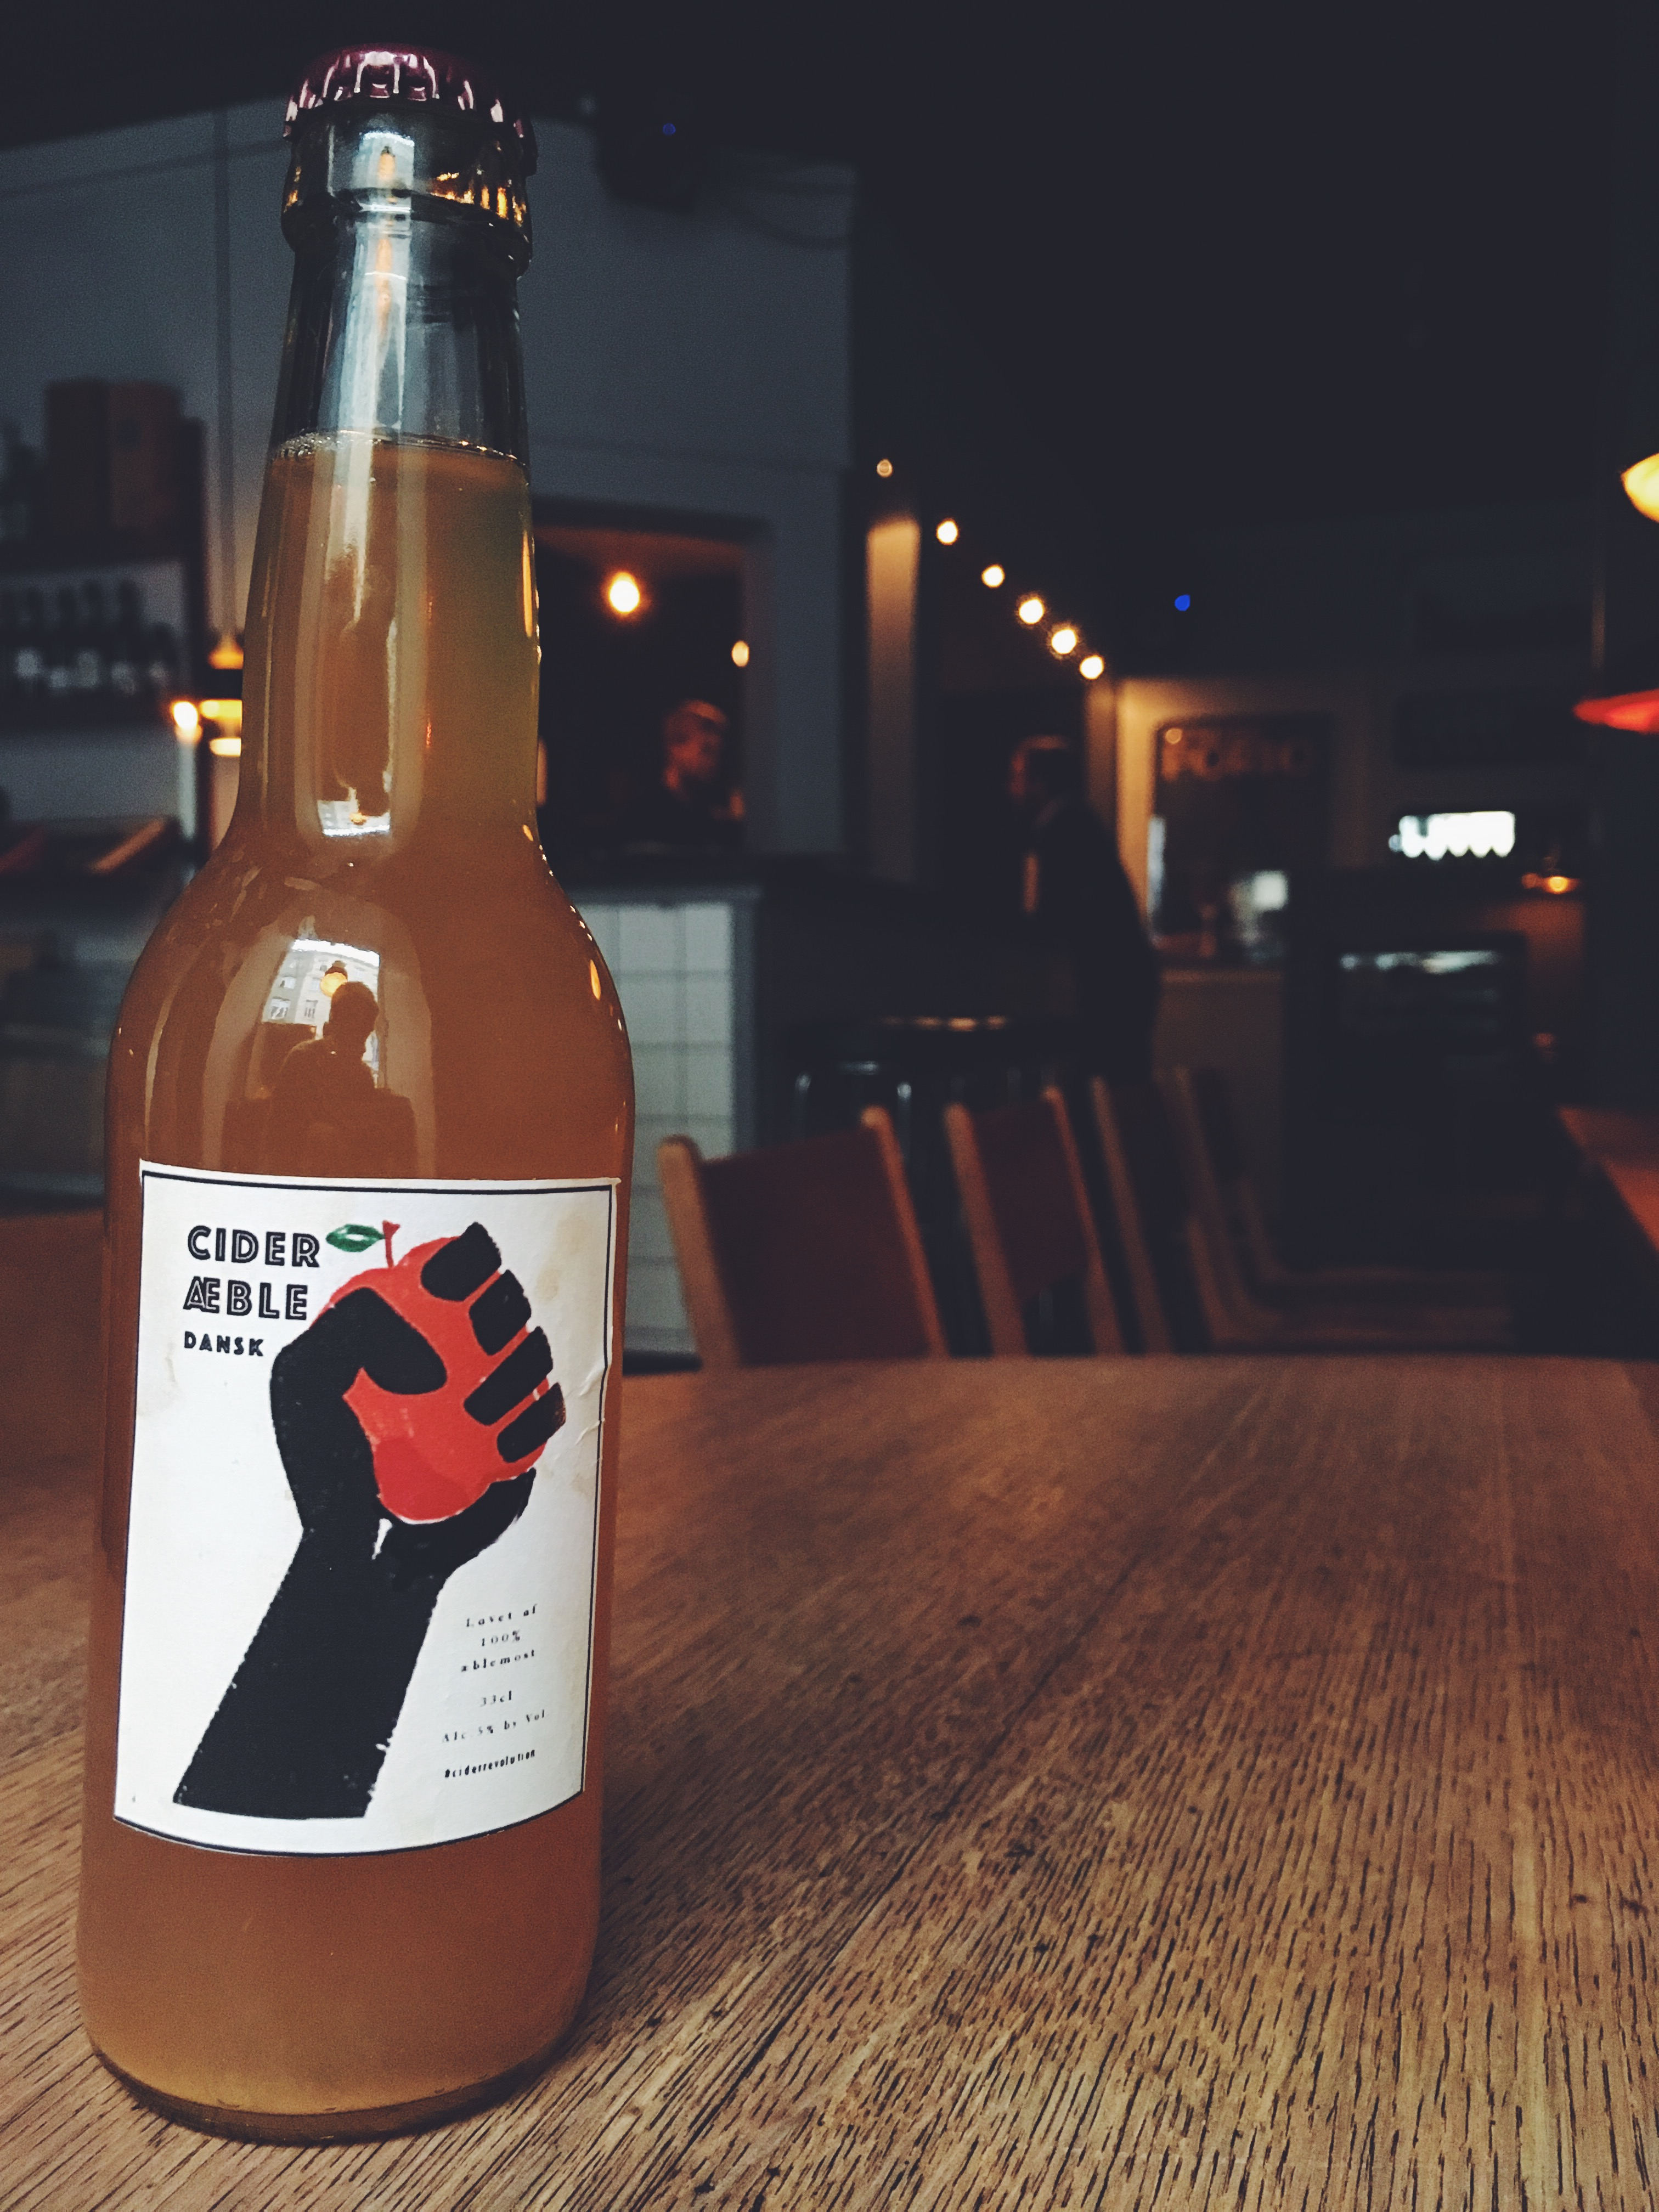 Ciderrevolution flaske indenfor.jpg